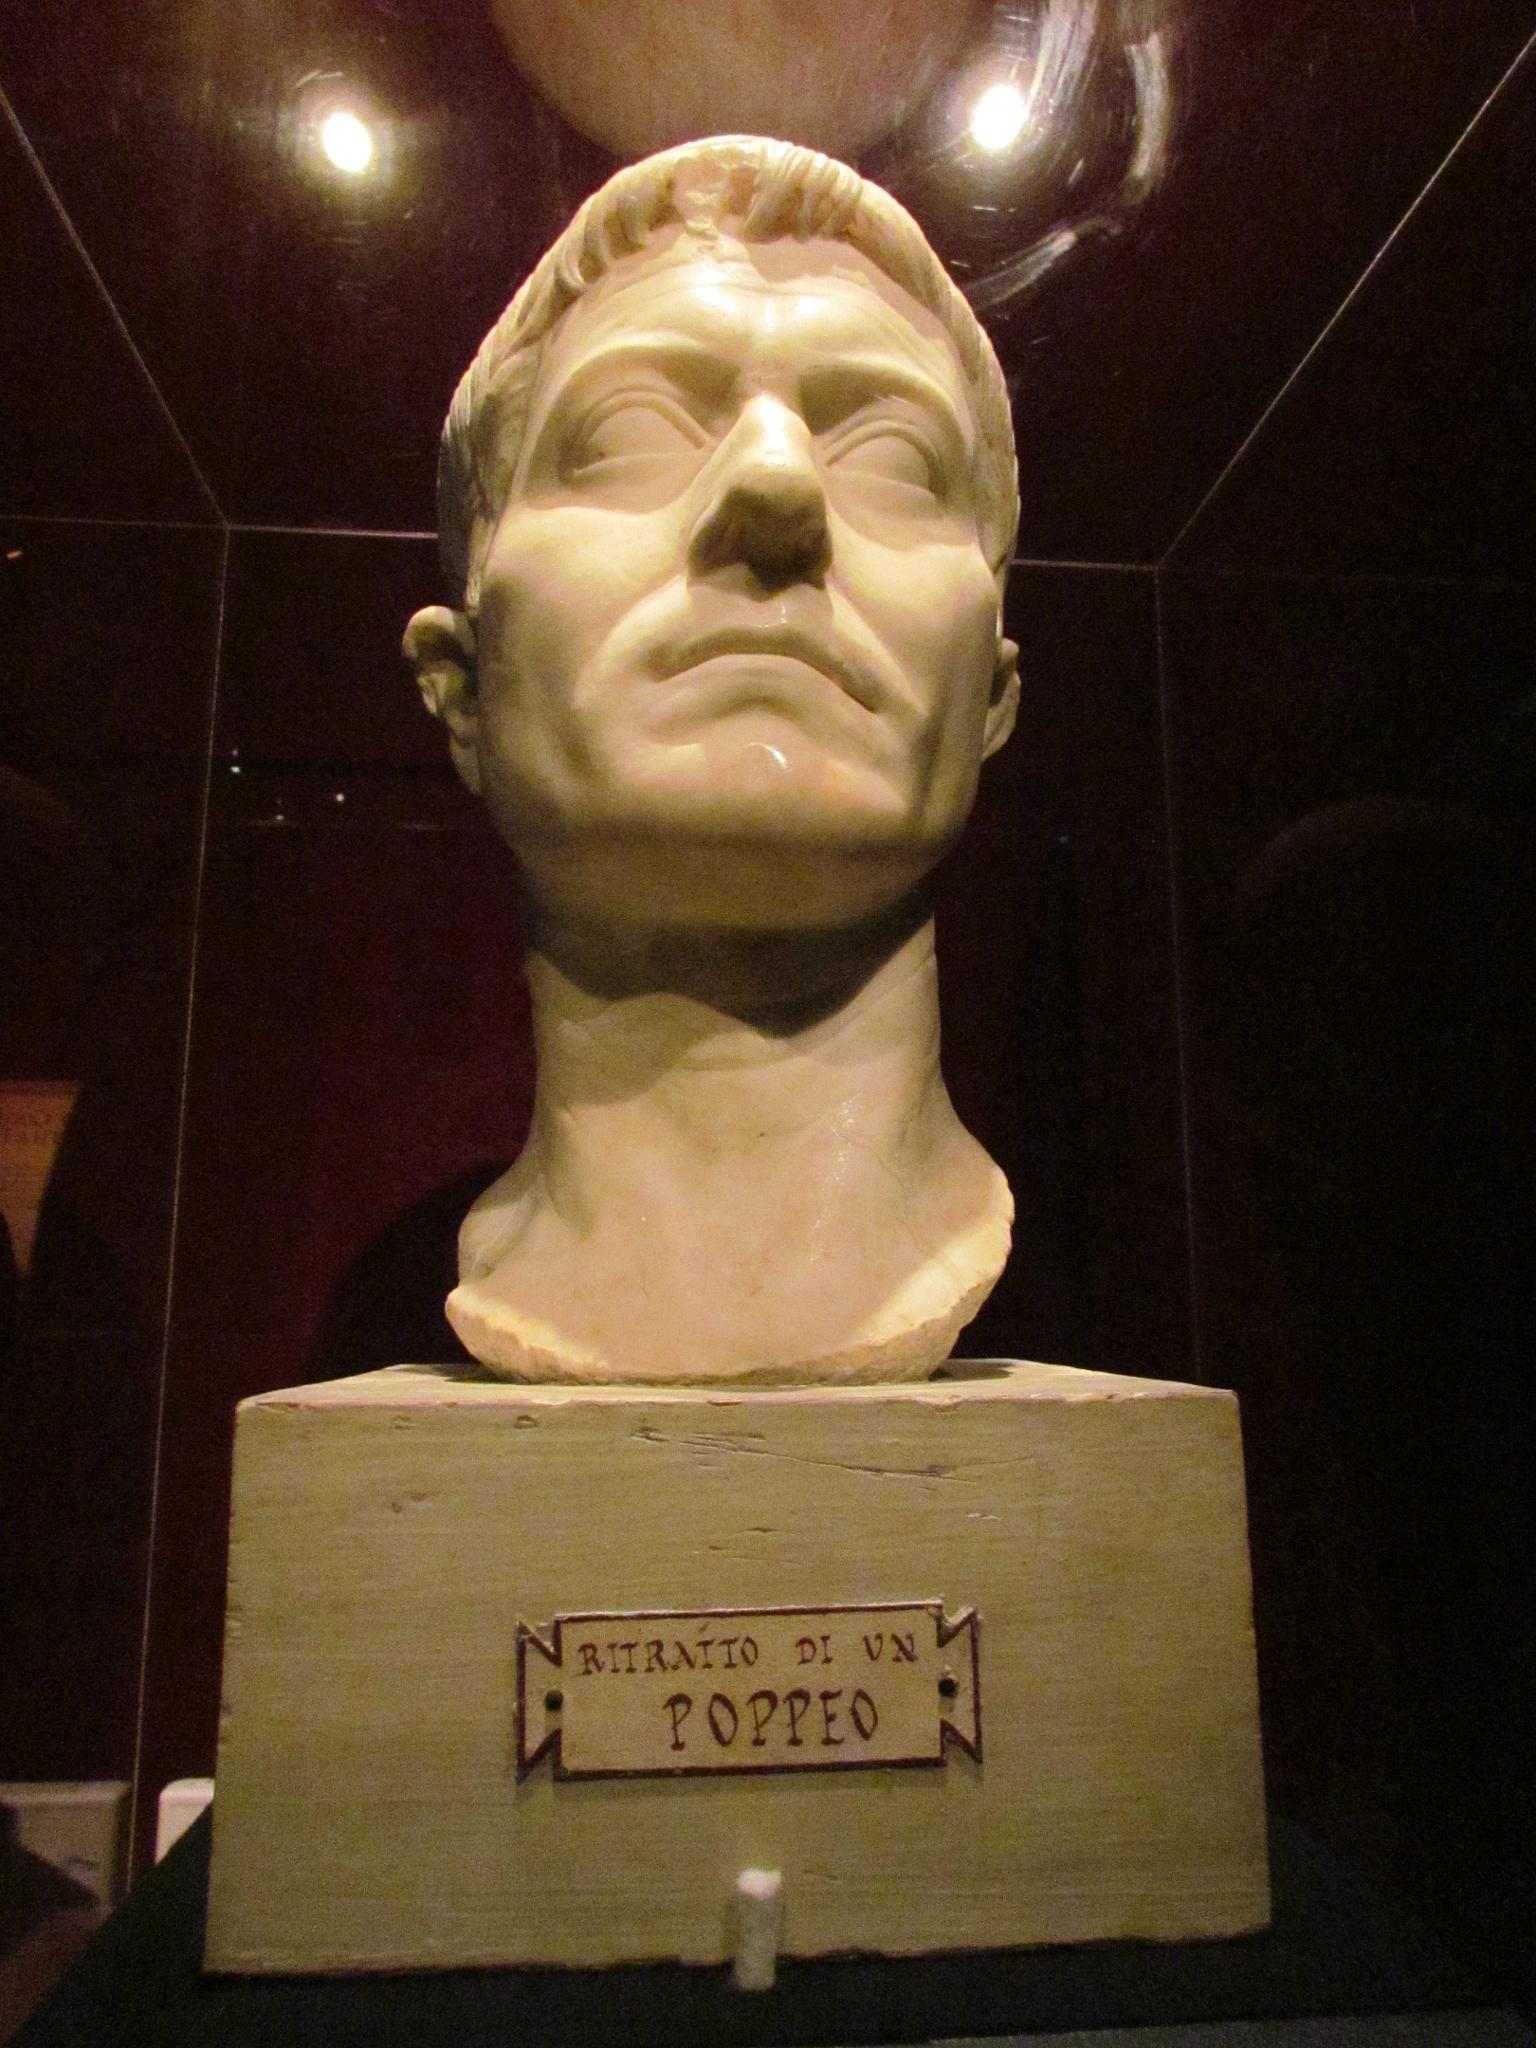 At the Pompeii Exhibit by MelanieAnnePhillips